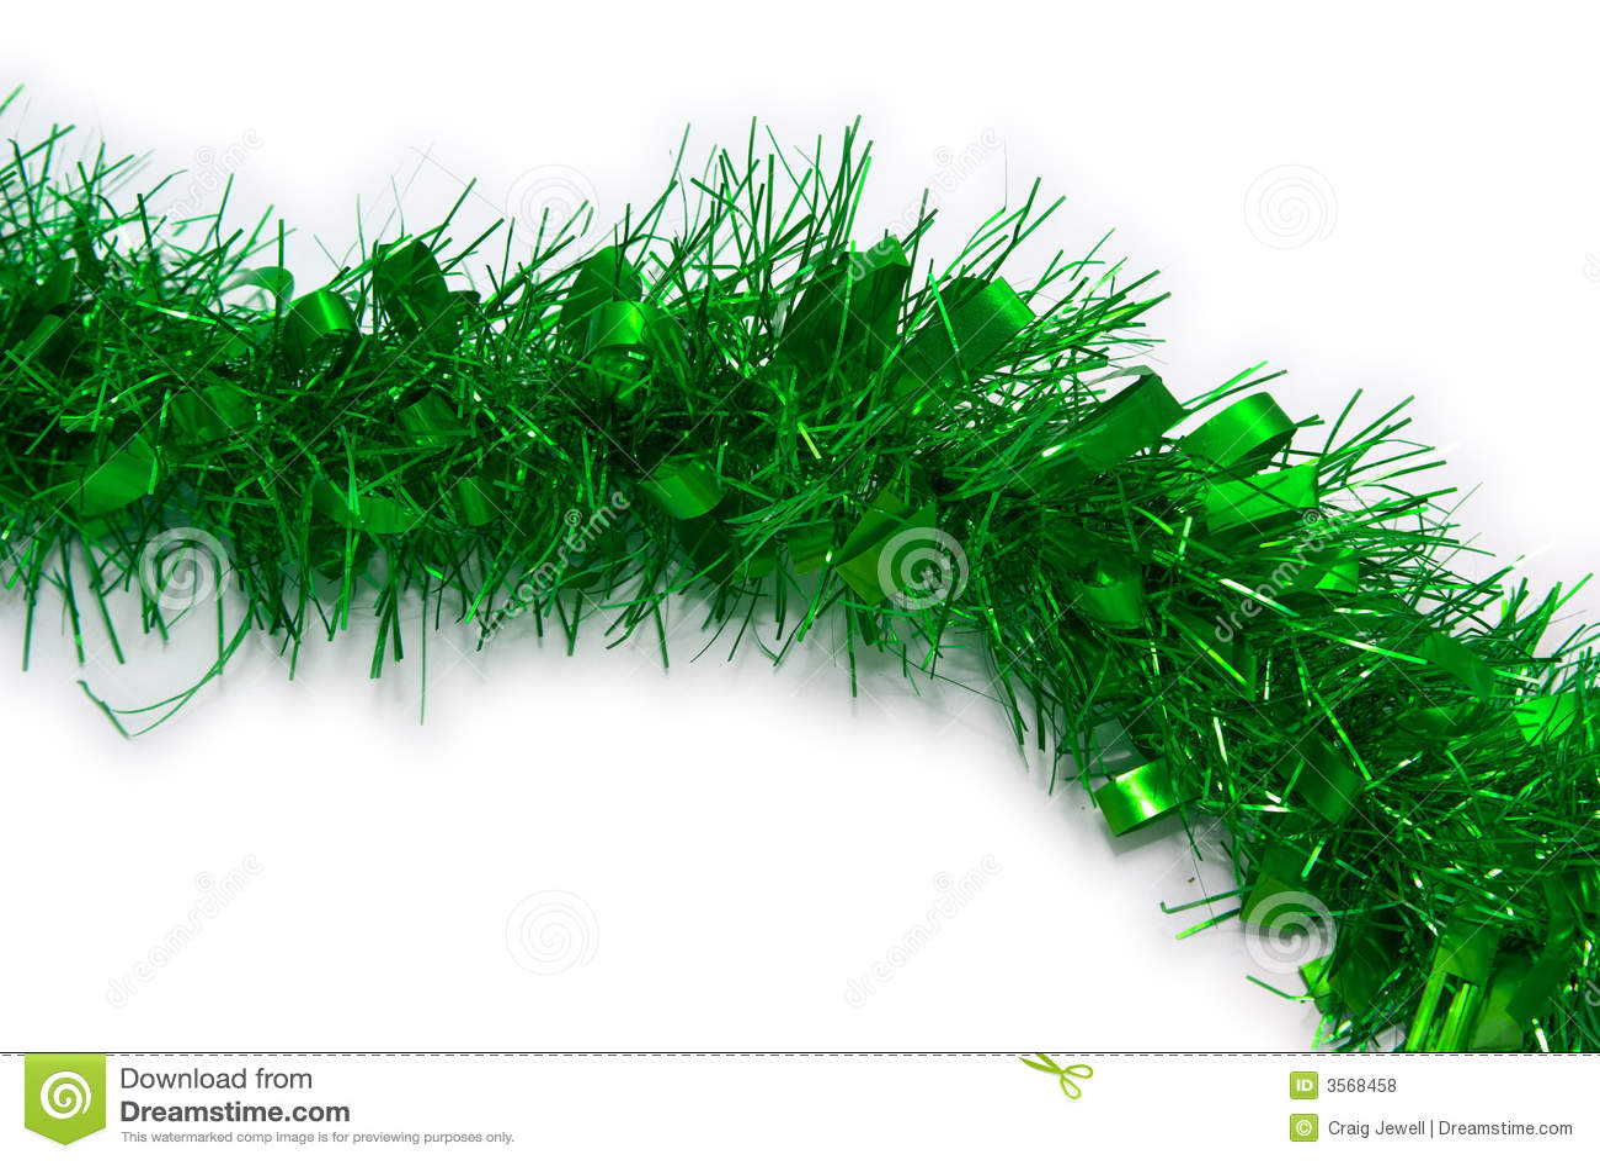 Natale verde della canutiglia